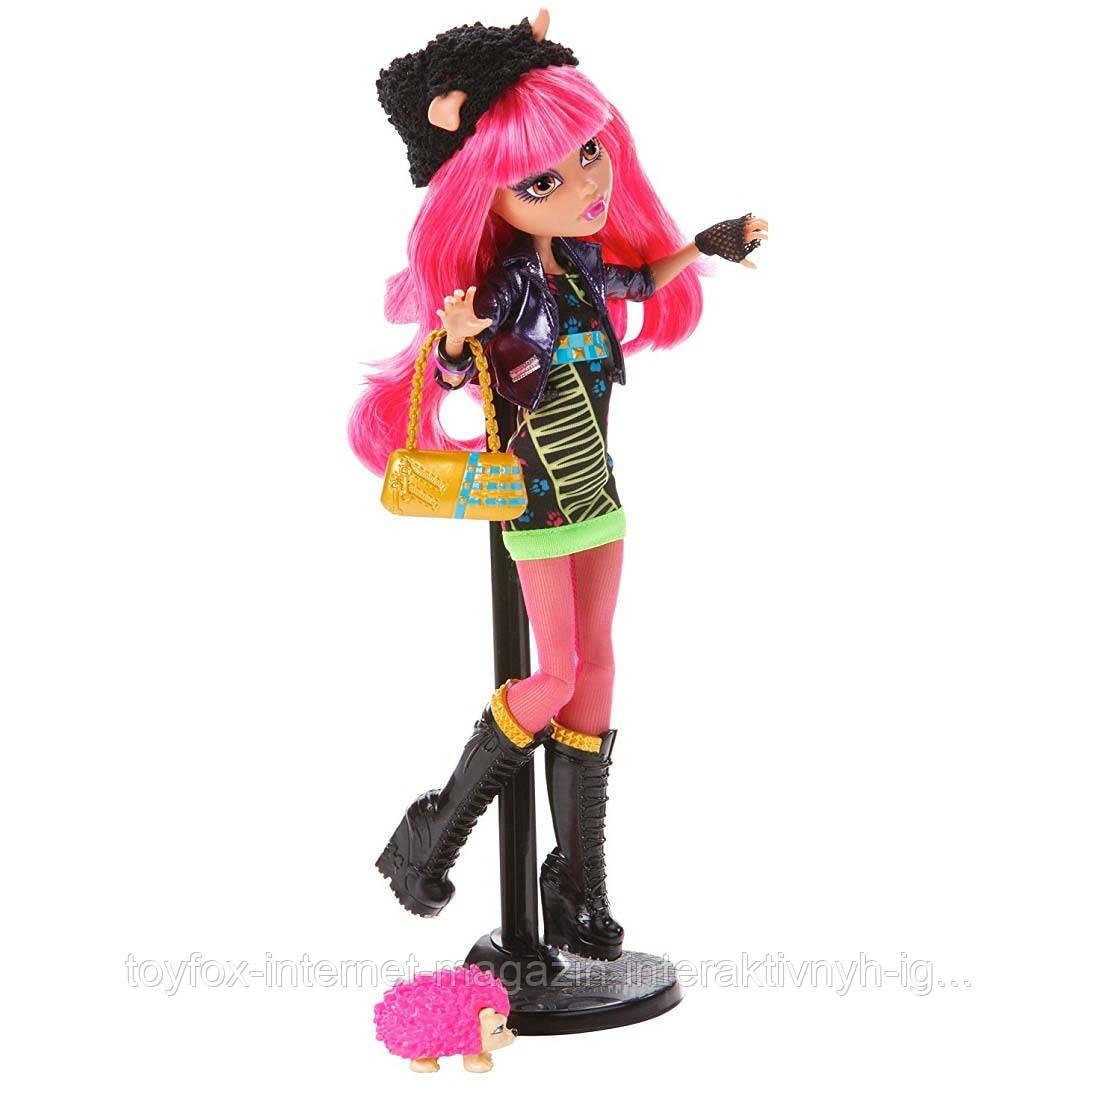 Куклы Монстер Хай 13 Желаний - Monster High 13 Wishes